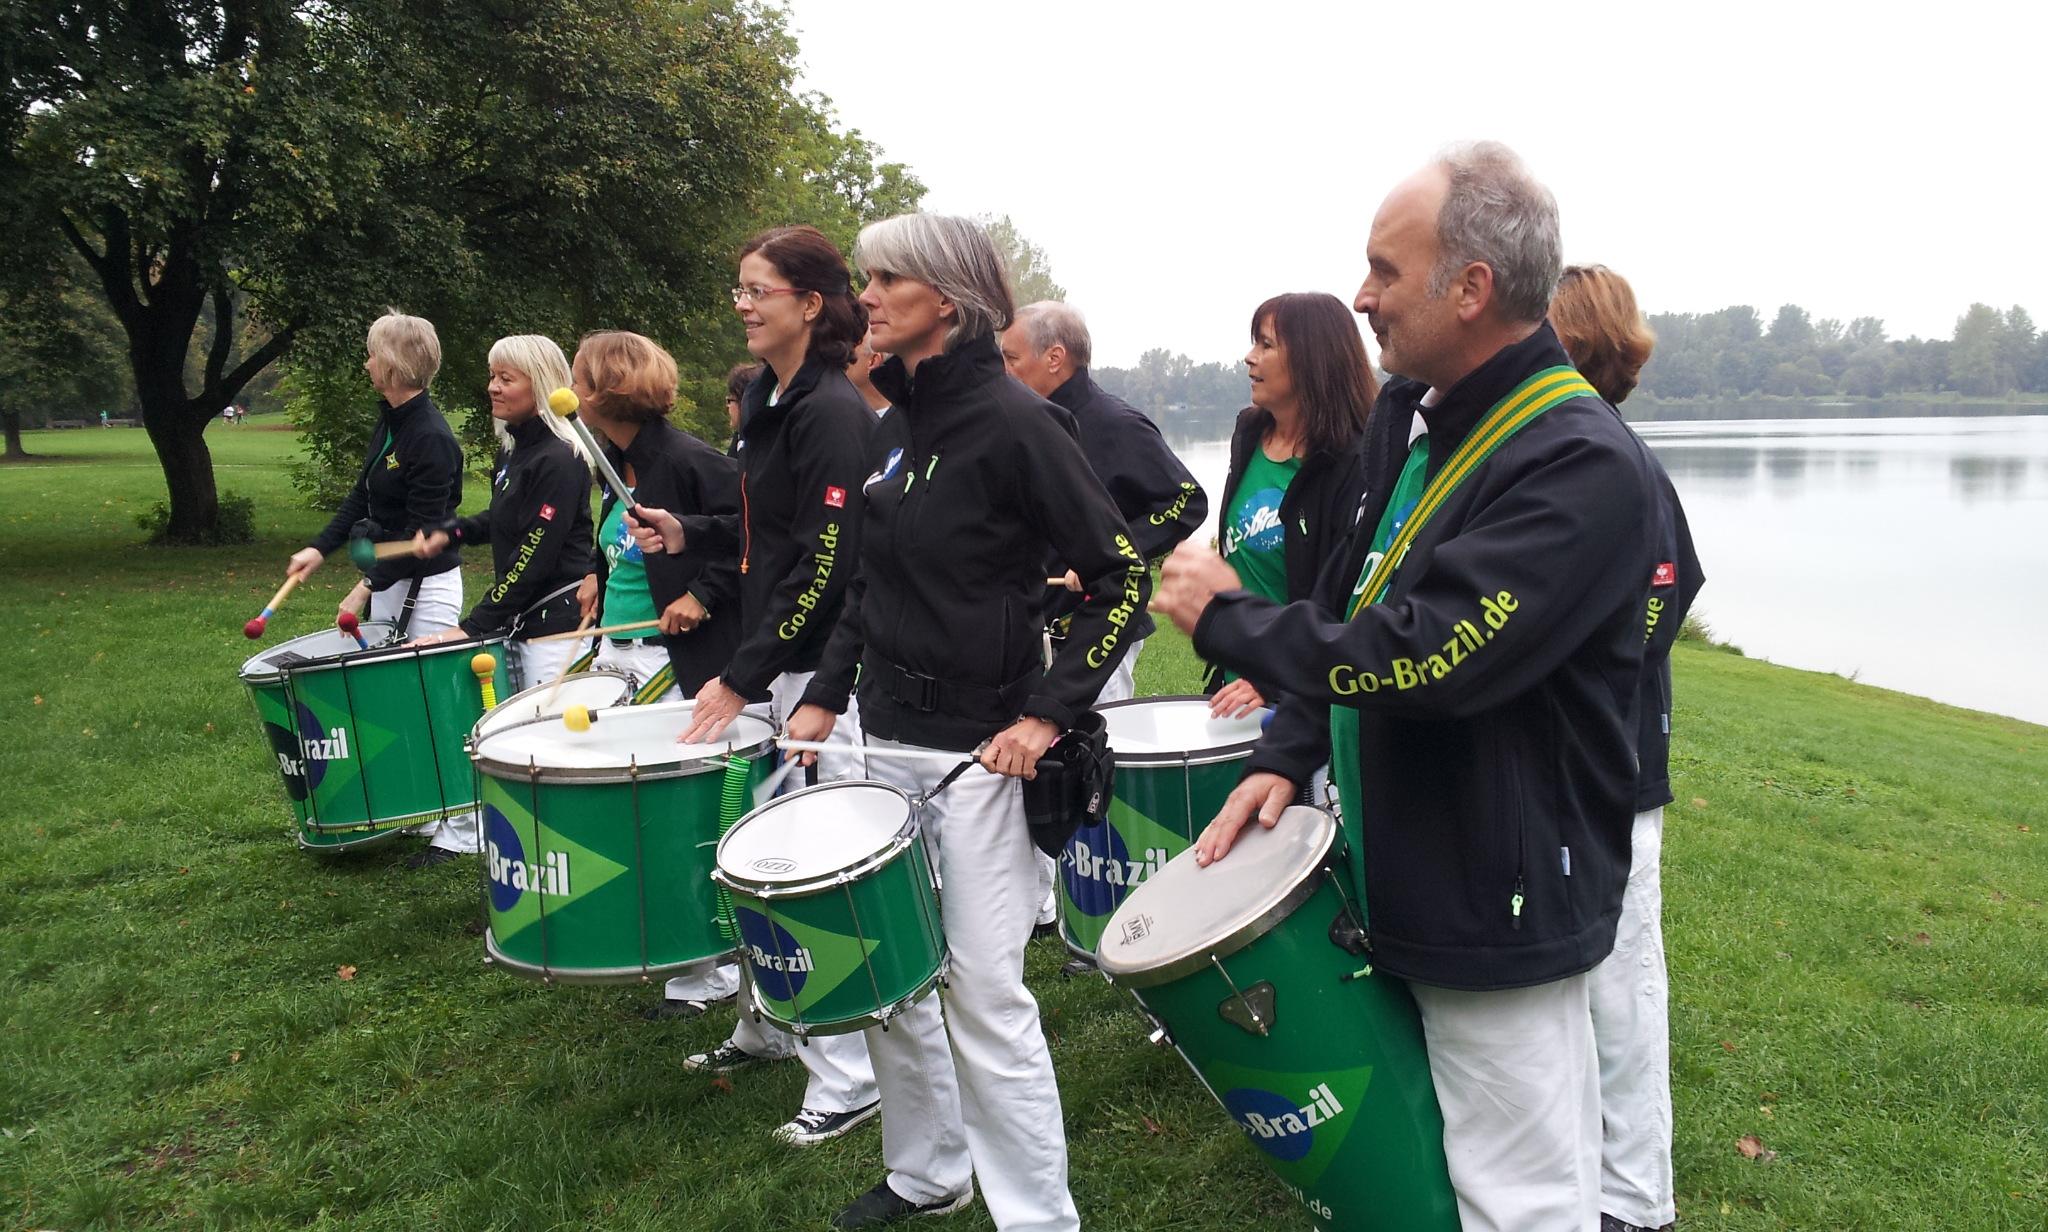 Go-Brazil aus München